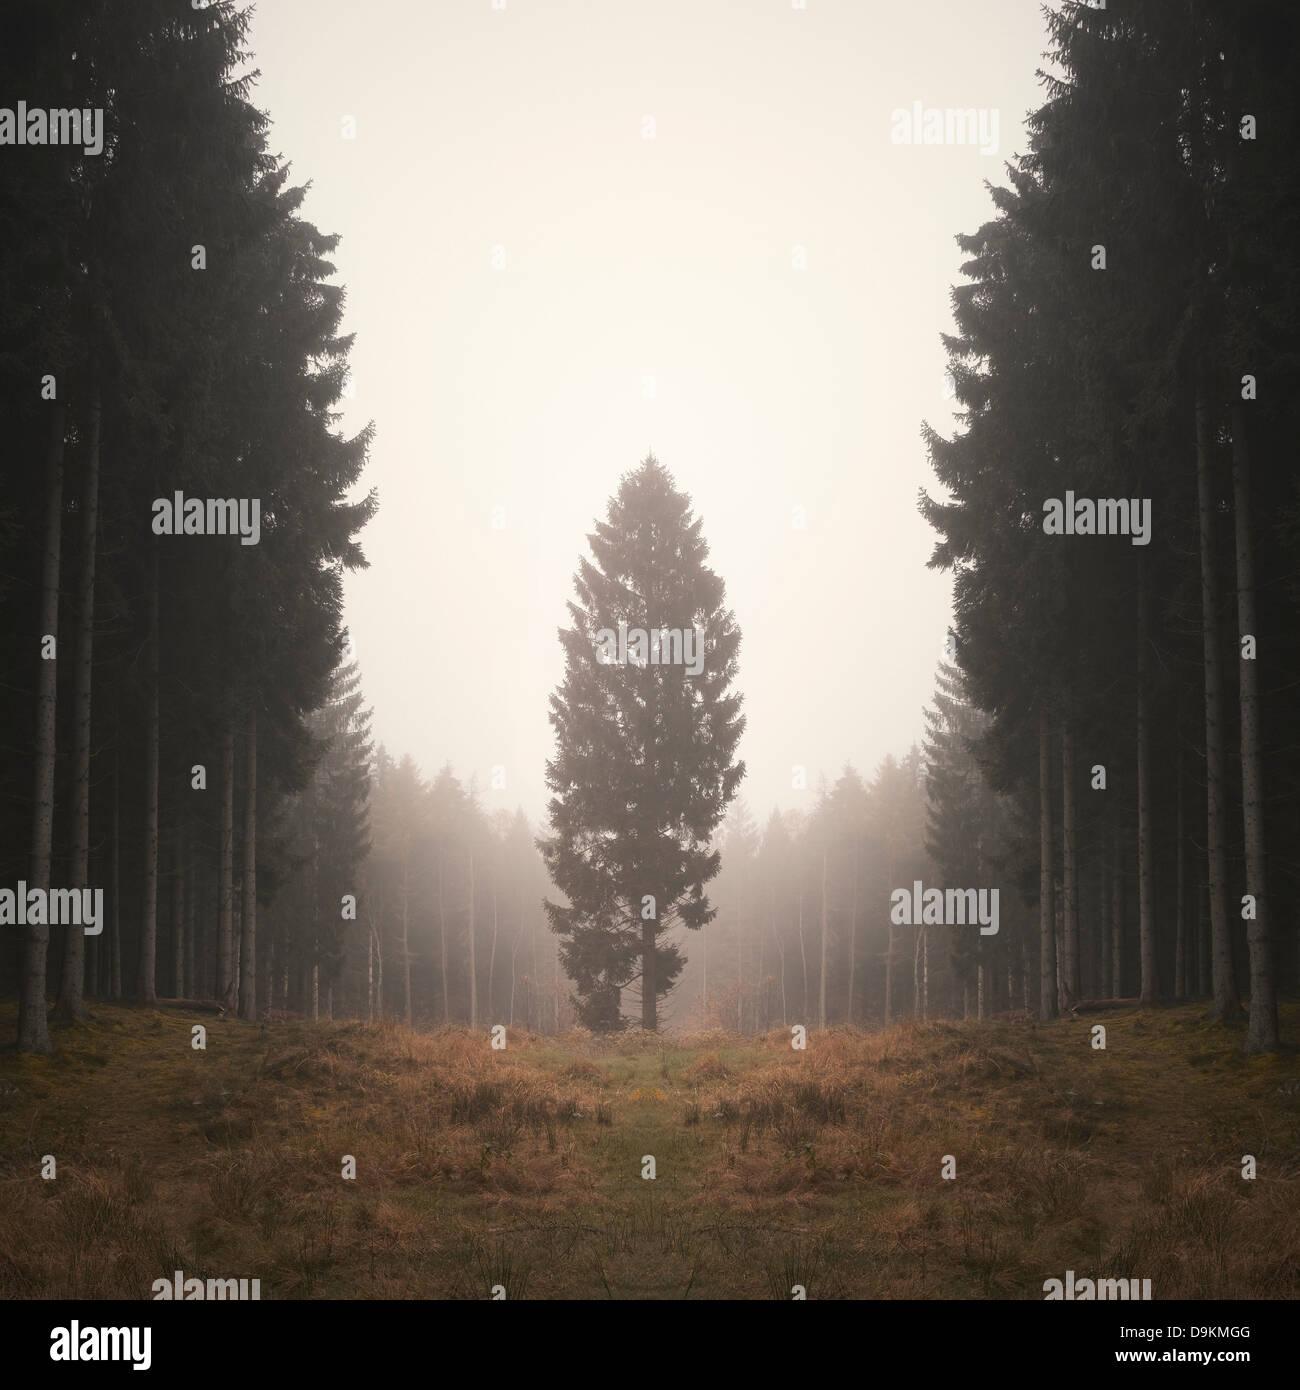 Arbre isolé en forêt brumeuse Photo Stock